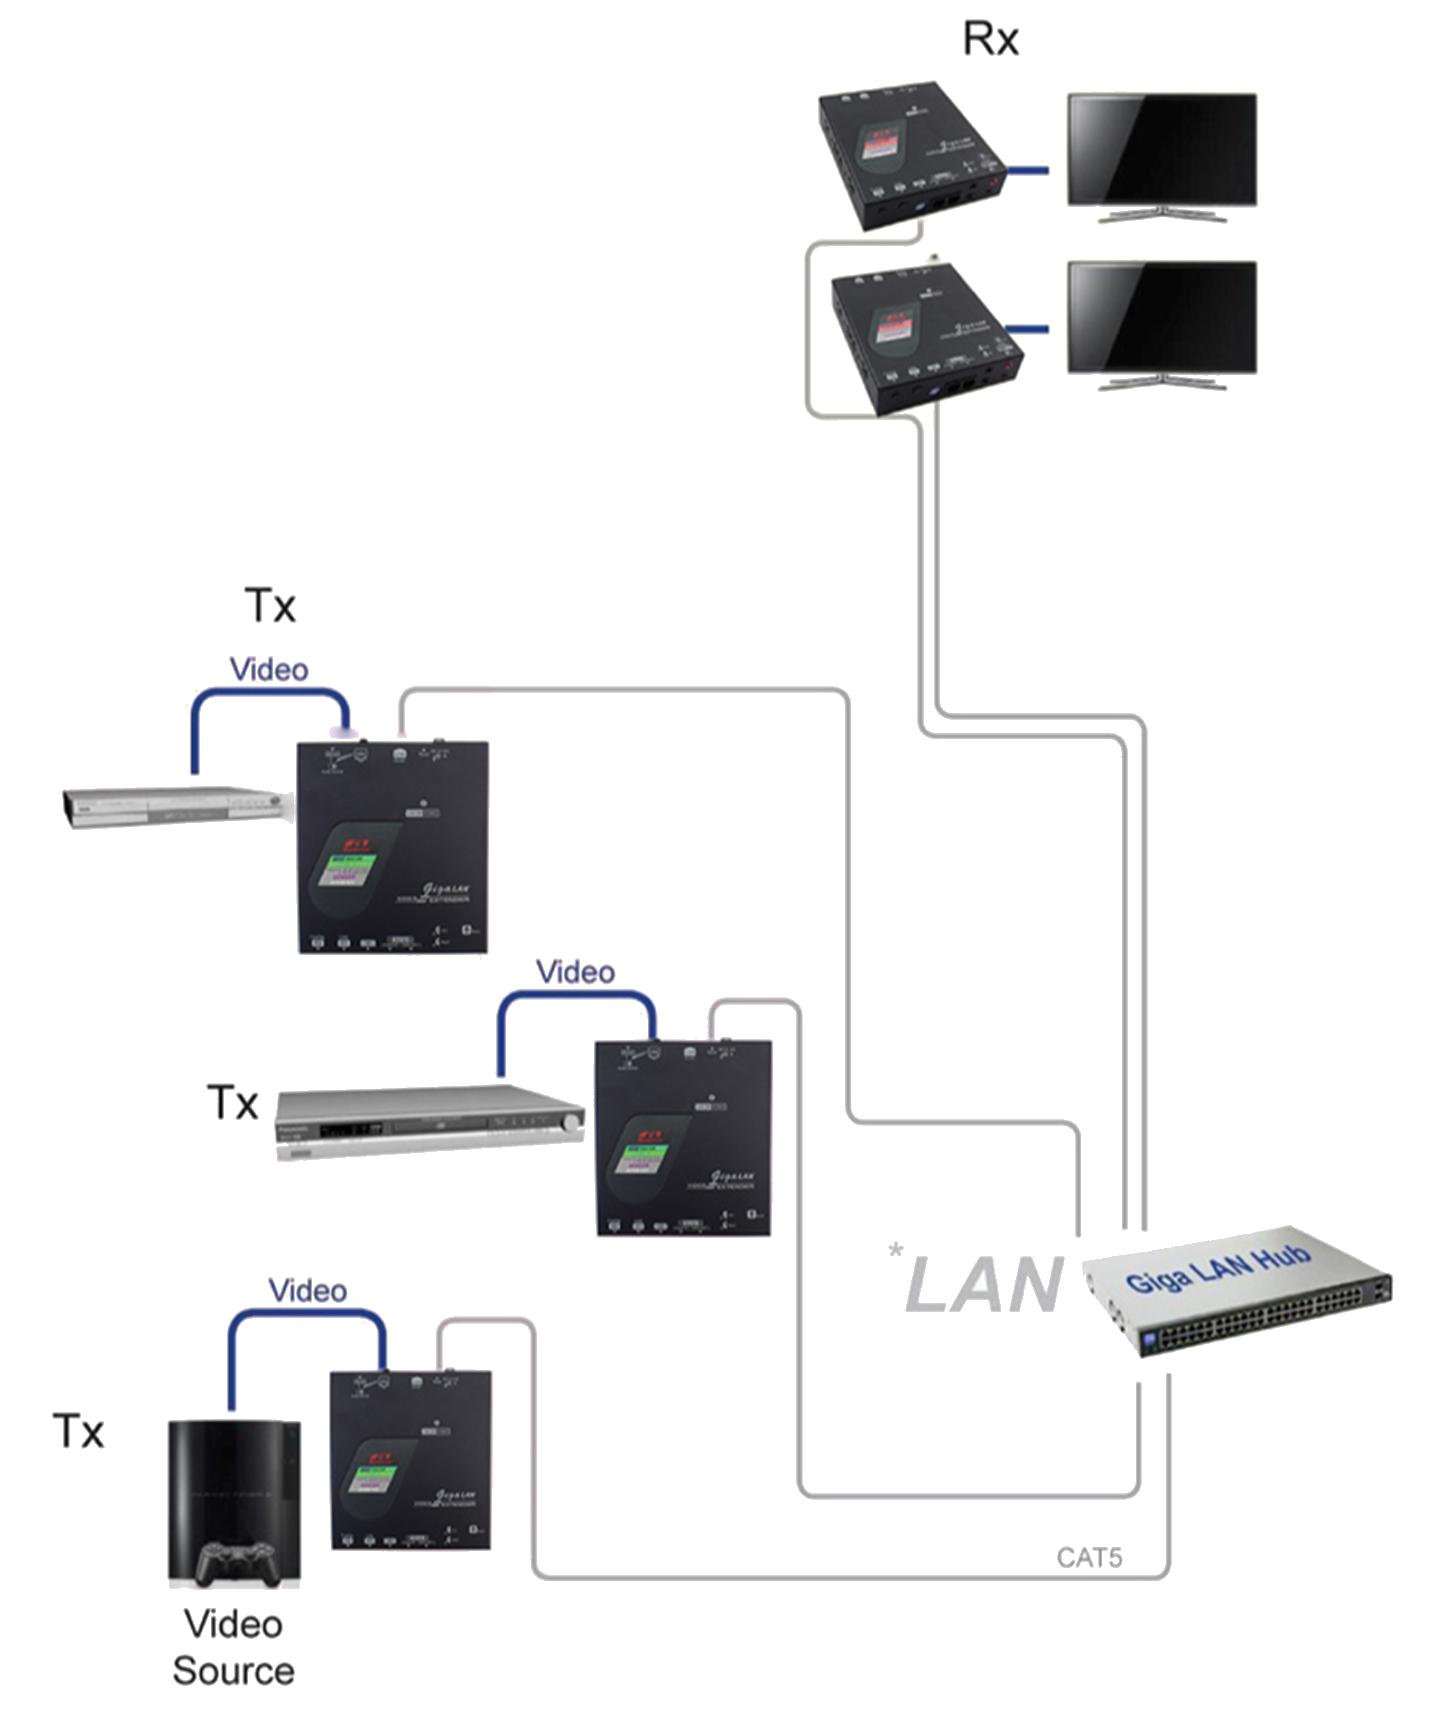 proimages/Connection_/LAN_CAT5_Extender/NVXM-M31M32.png